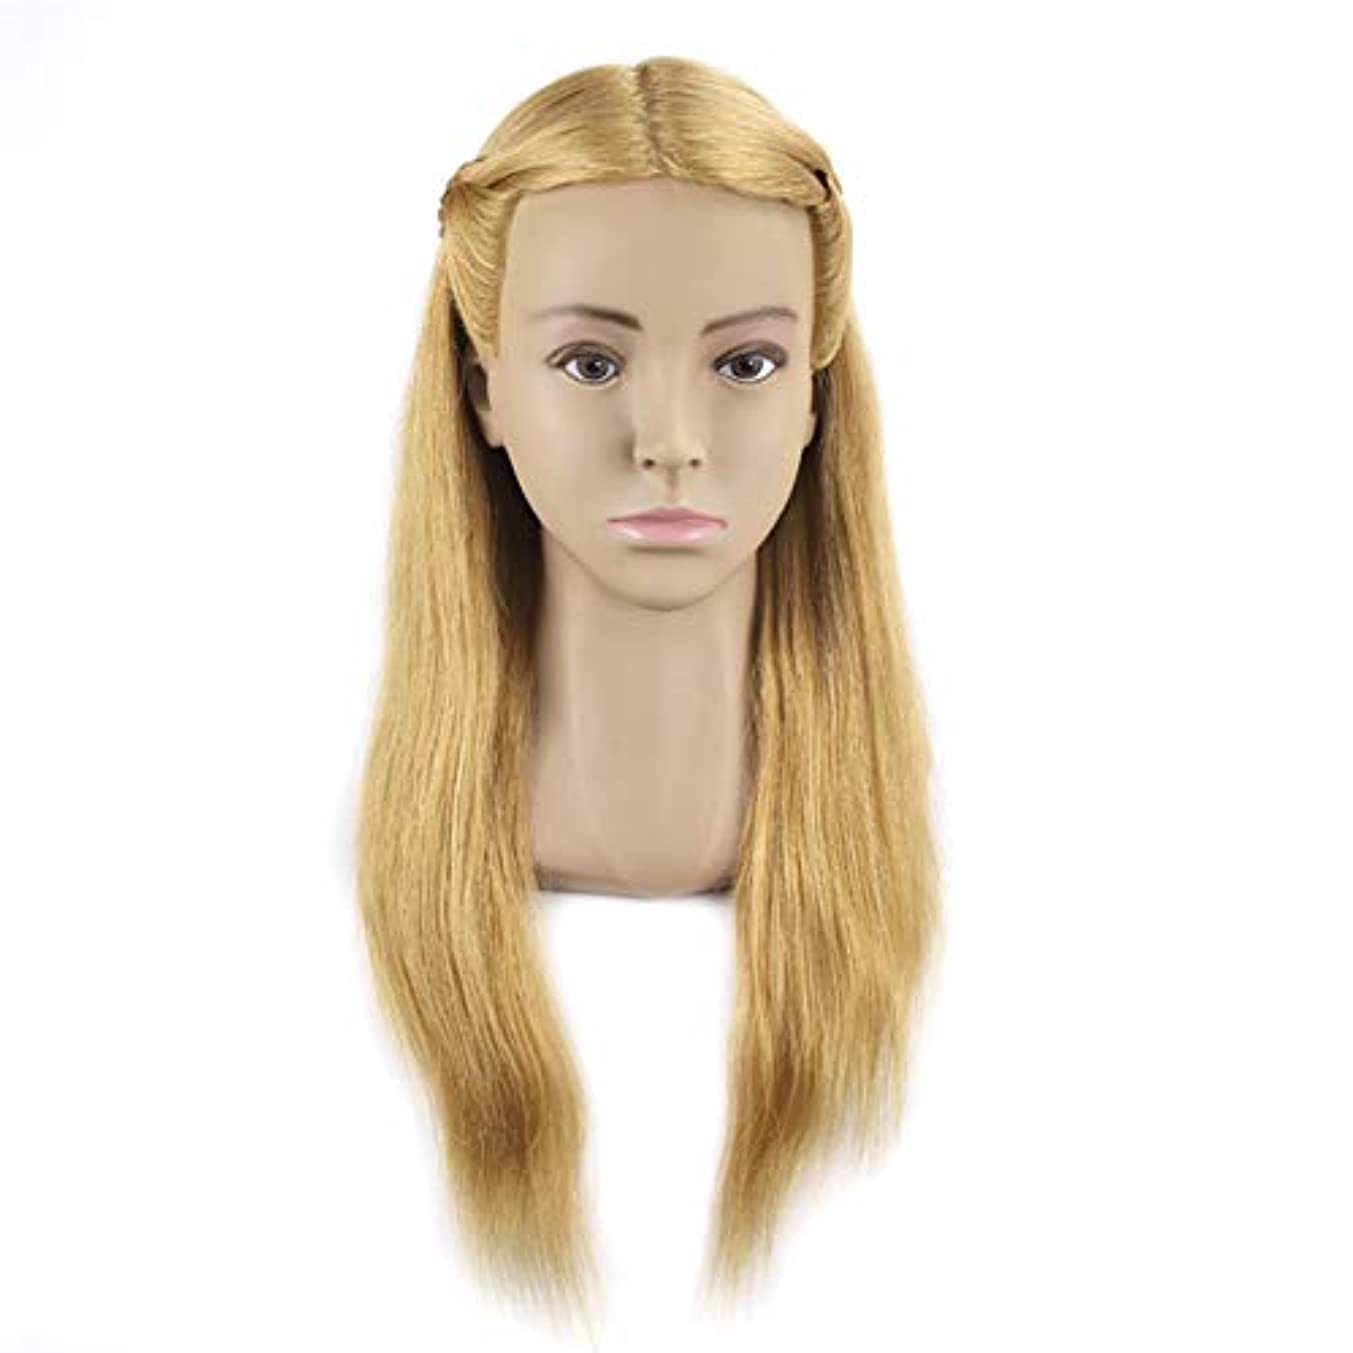 応答学習主完全な人毛ヘアスタイリングモデルヘッド女性モデルヘッドティーチングヘッド理髪店編組髪染め学習ダミーヘッド